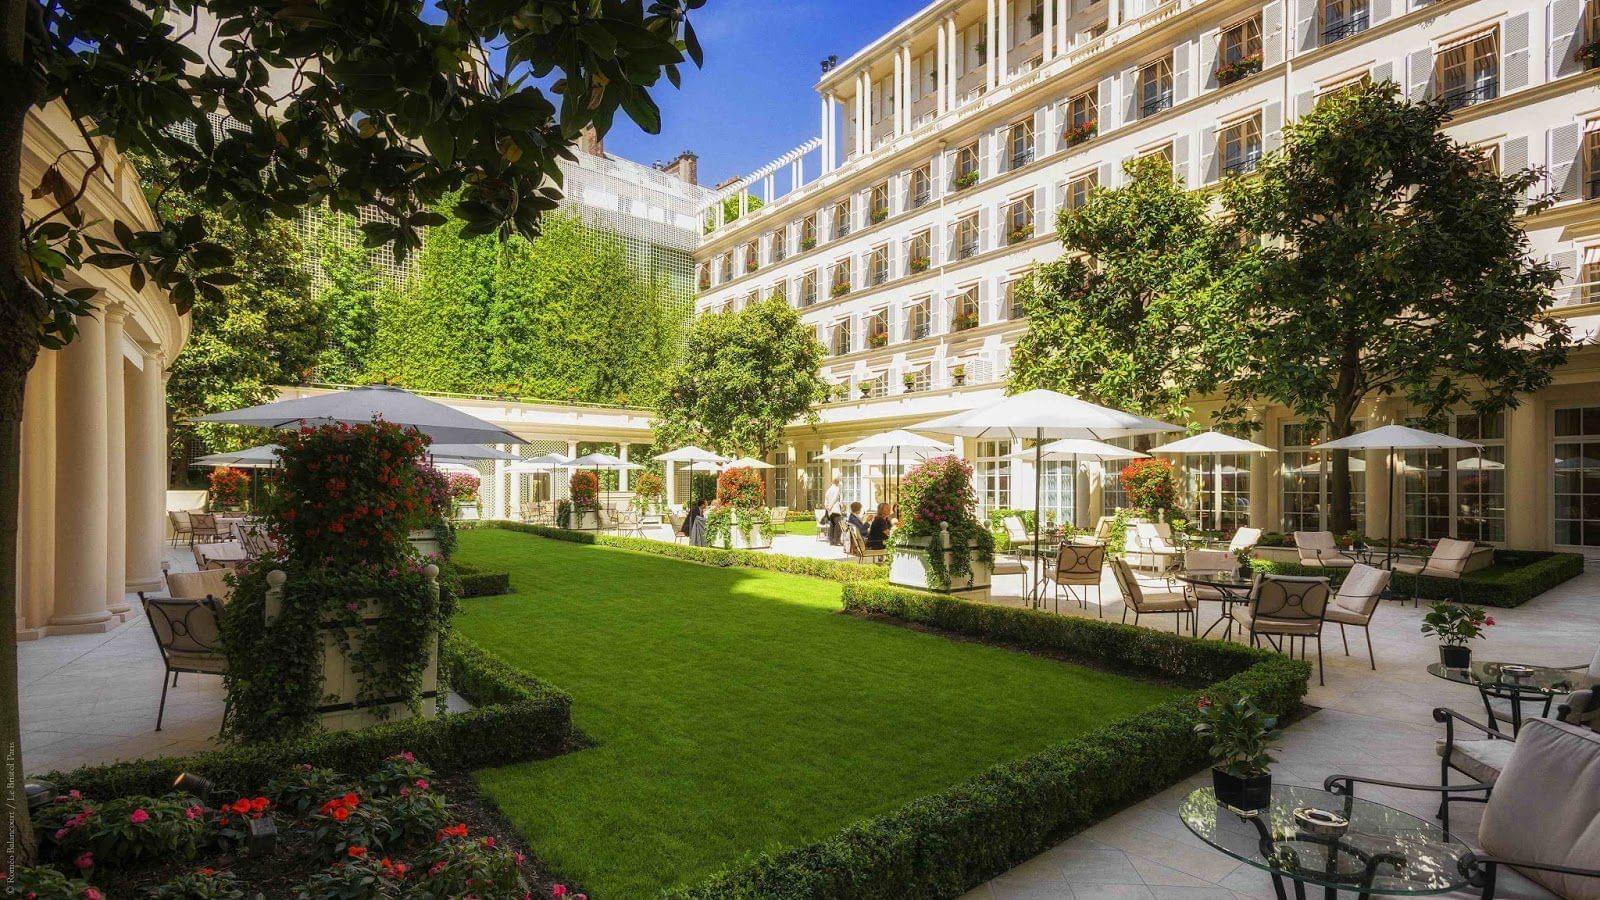 フランス・パリ旅行ミシュラン星付きフレンチレストラン3選!一度は食べたい最高峰のフレンチ料理